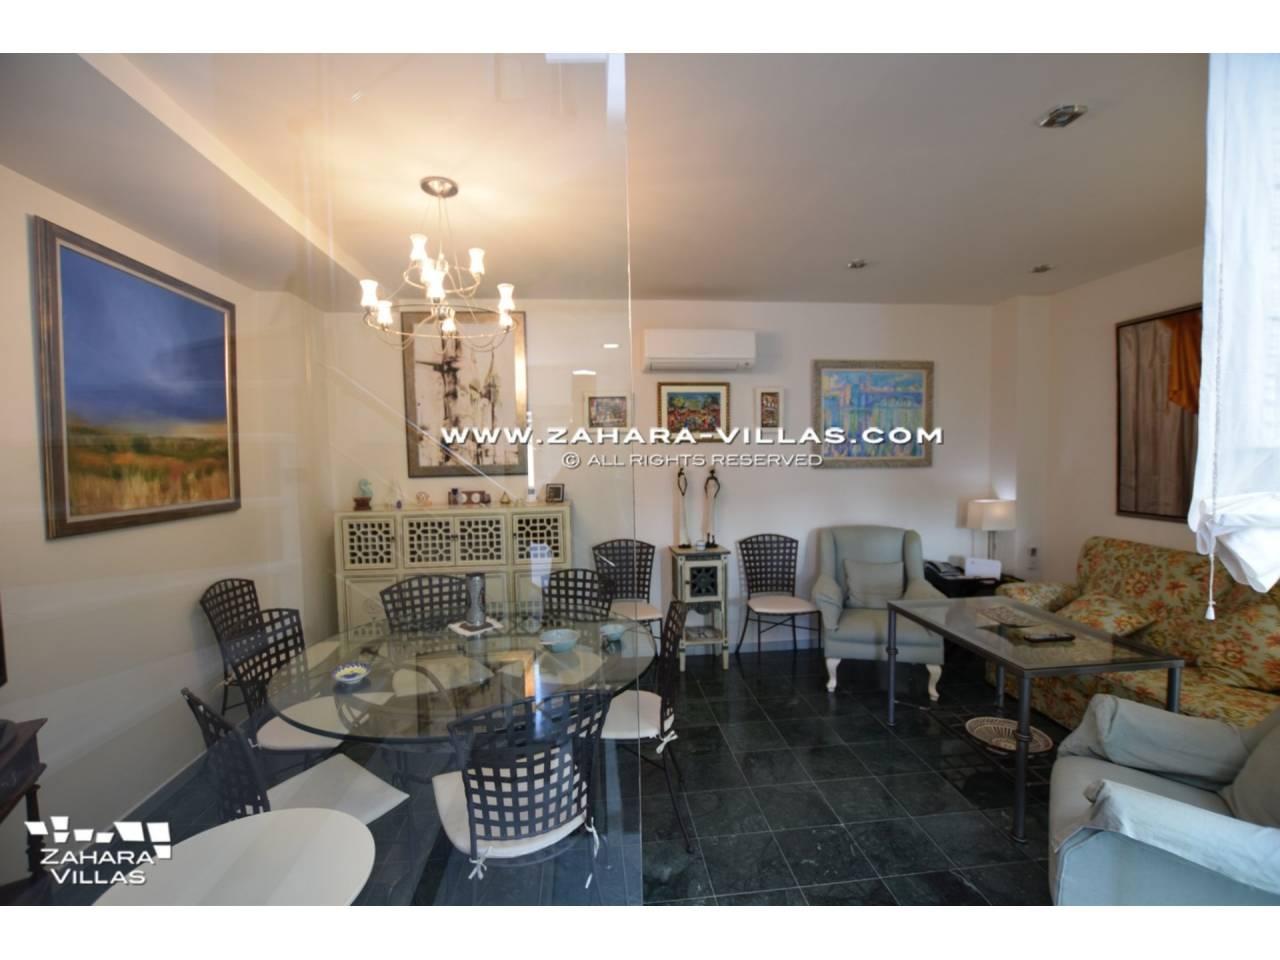 Imagen 24 de House for sale in Zahara de los Atunes